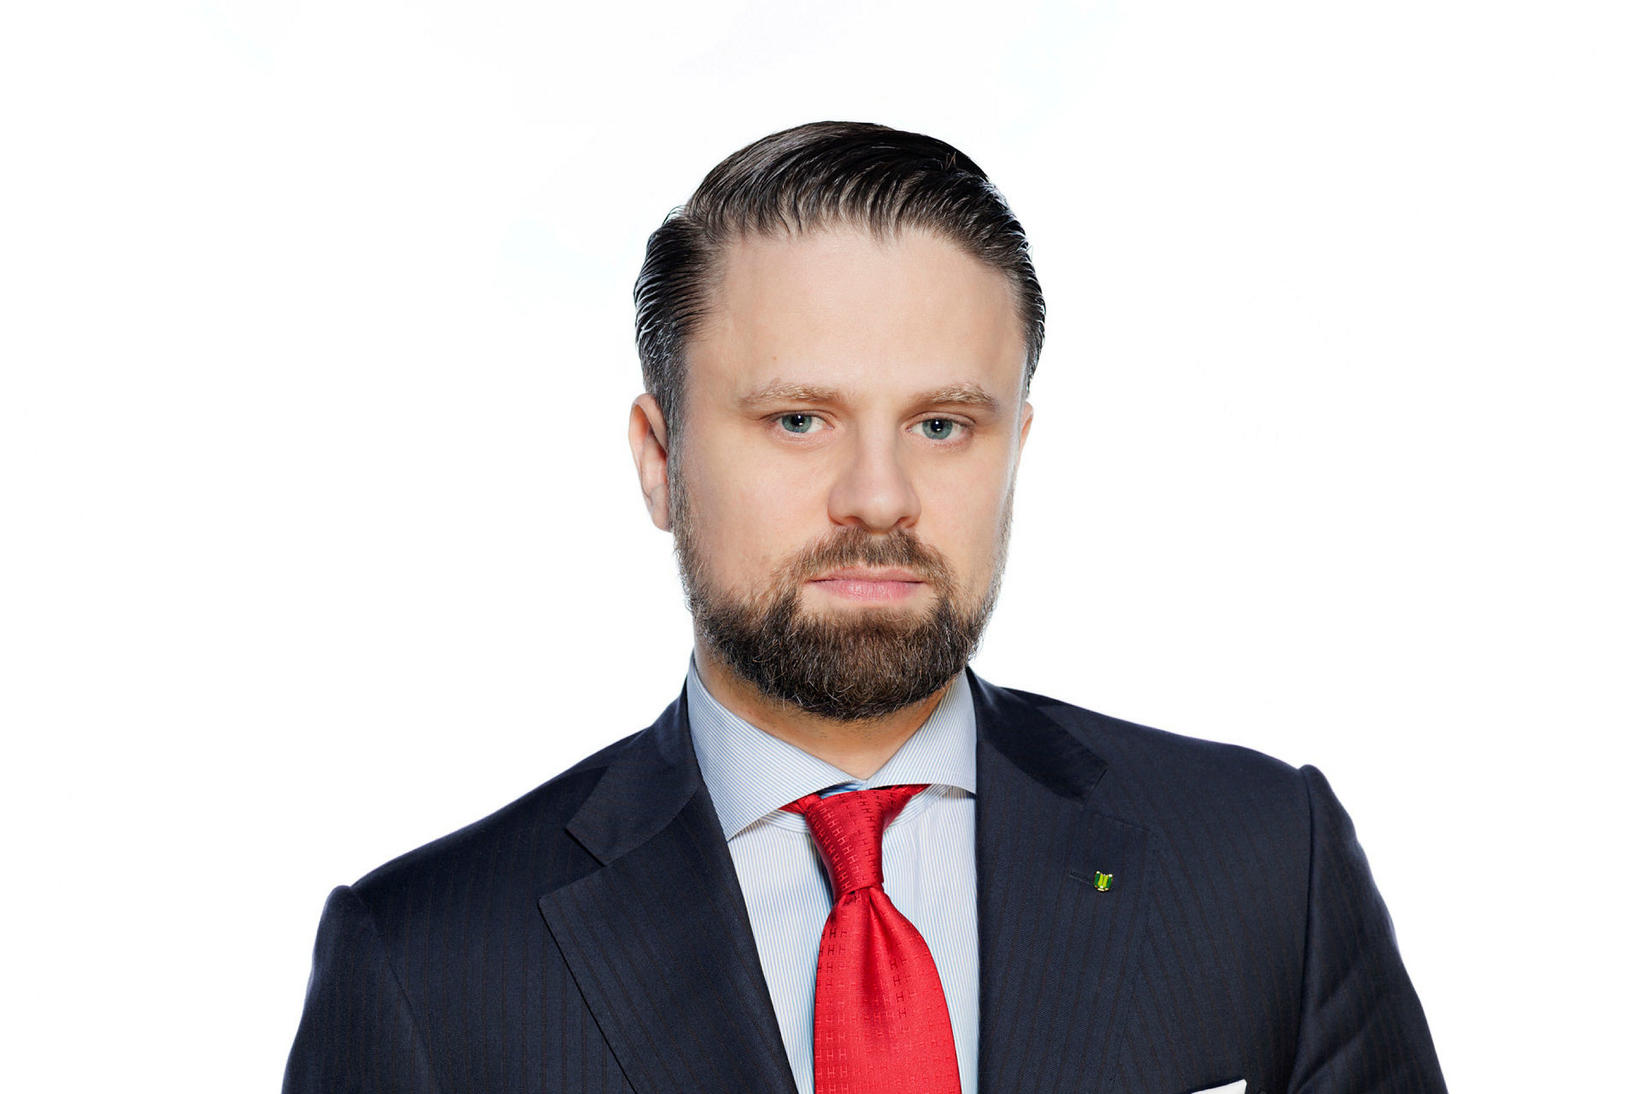 Sævar Þór Jónsson rekur lögmannsstofuna Sævar Þór & Parners.